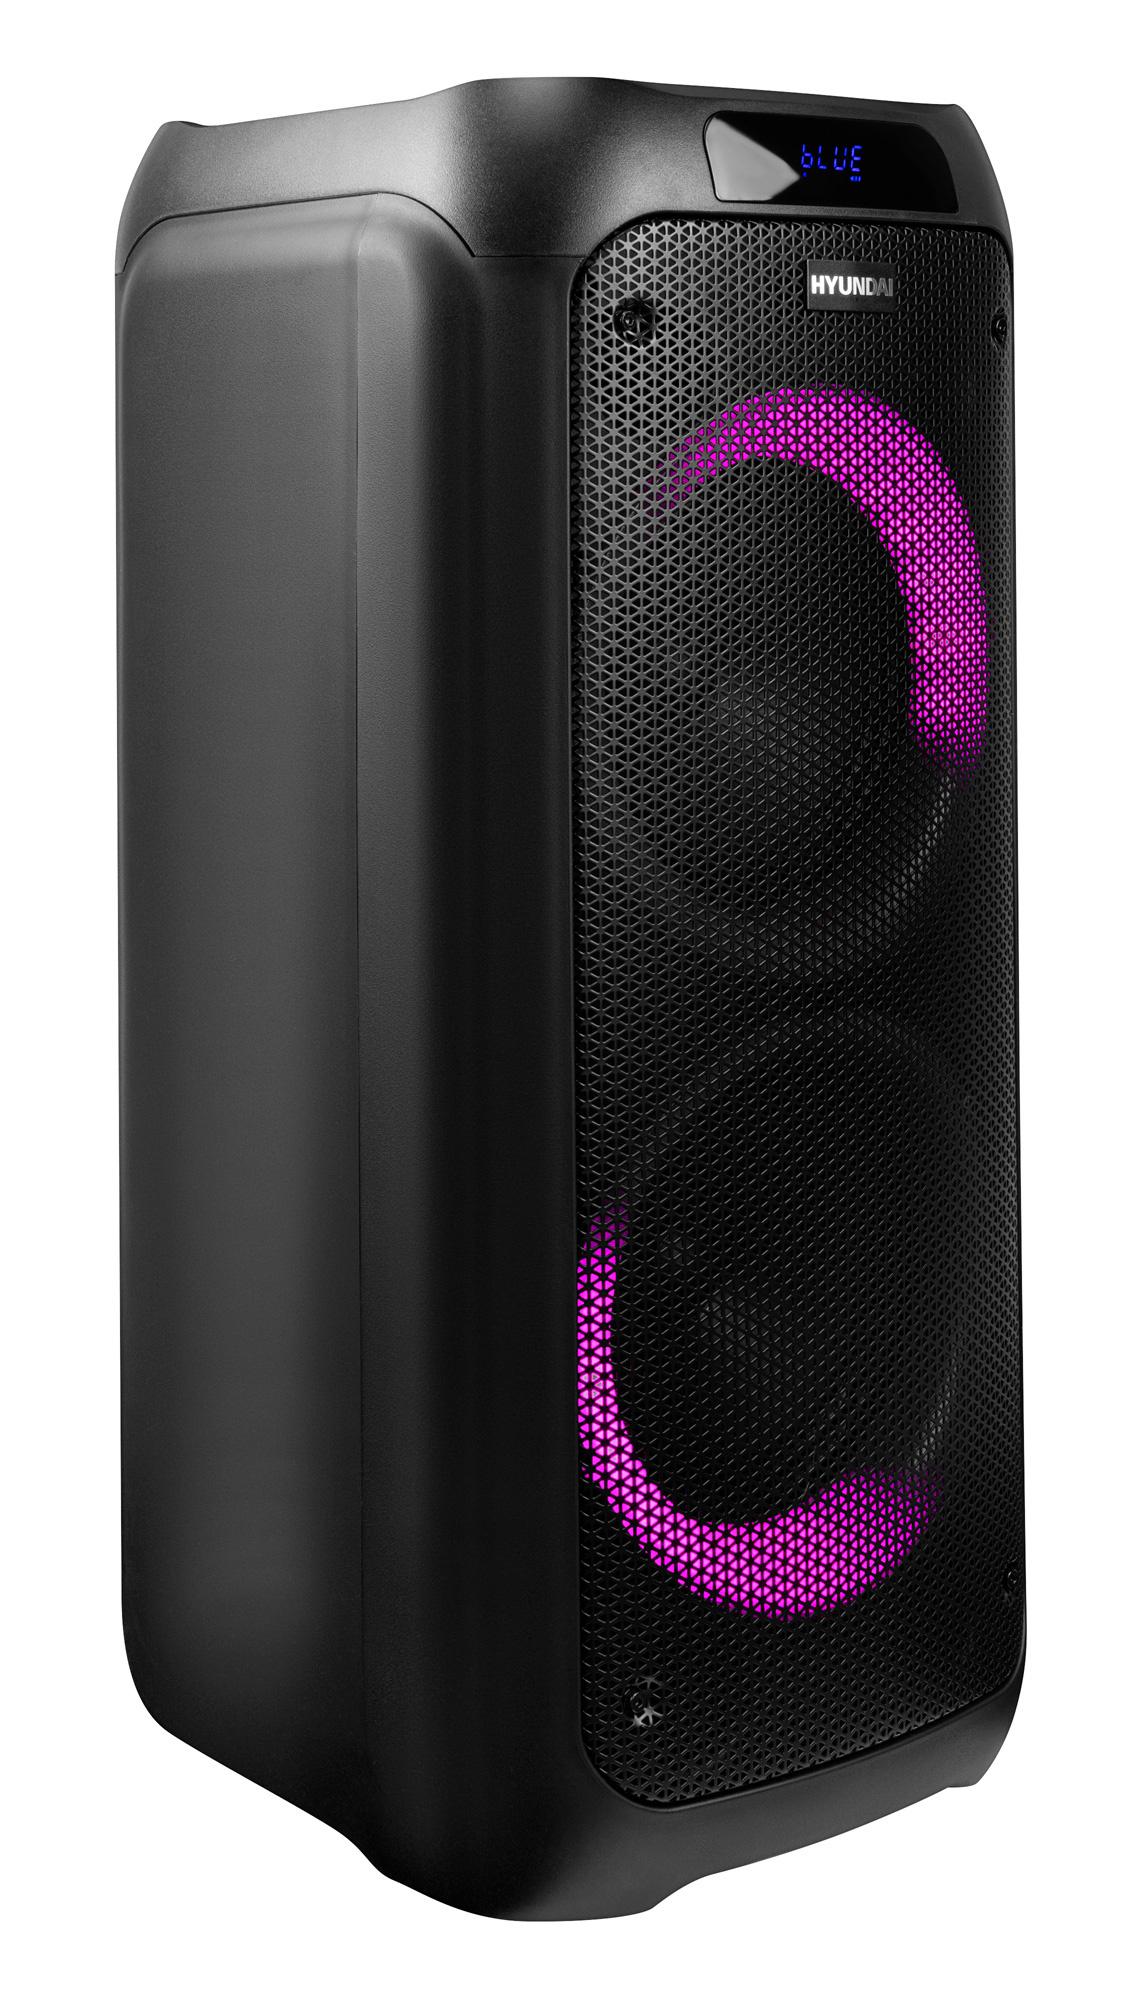 Минисистема Hyundai H-MC600 черный 600Вт FM USB BT SD/MMC